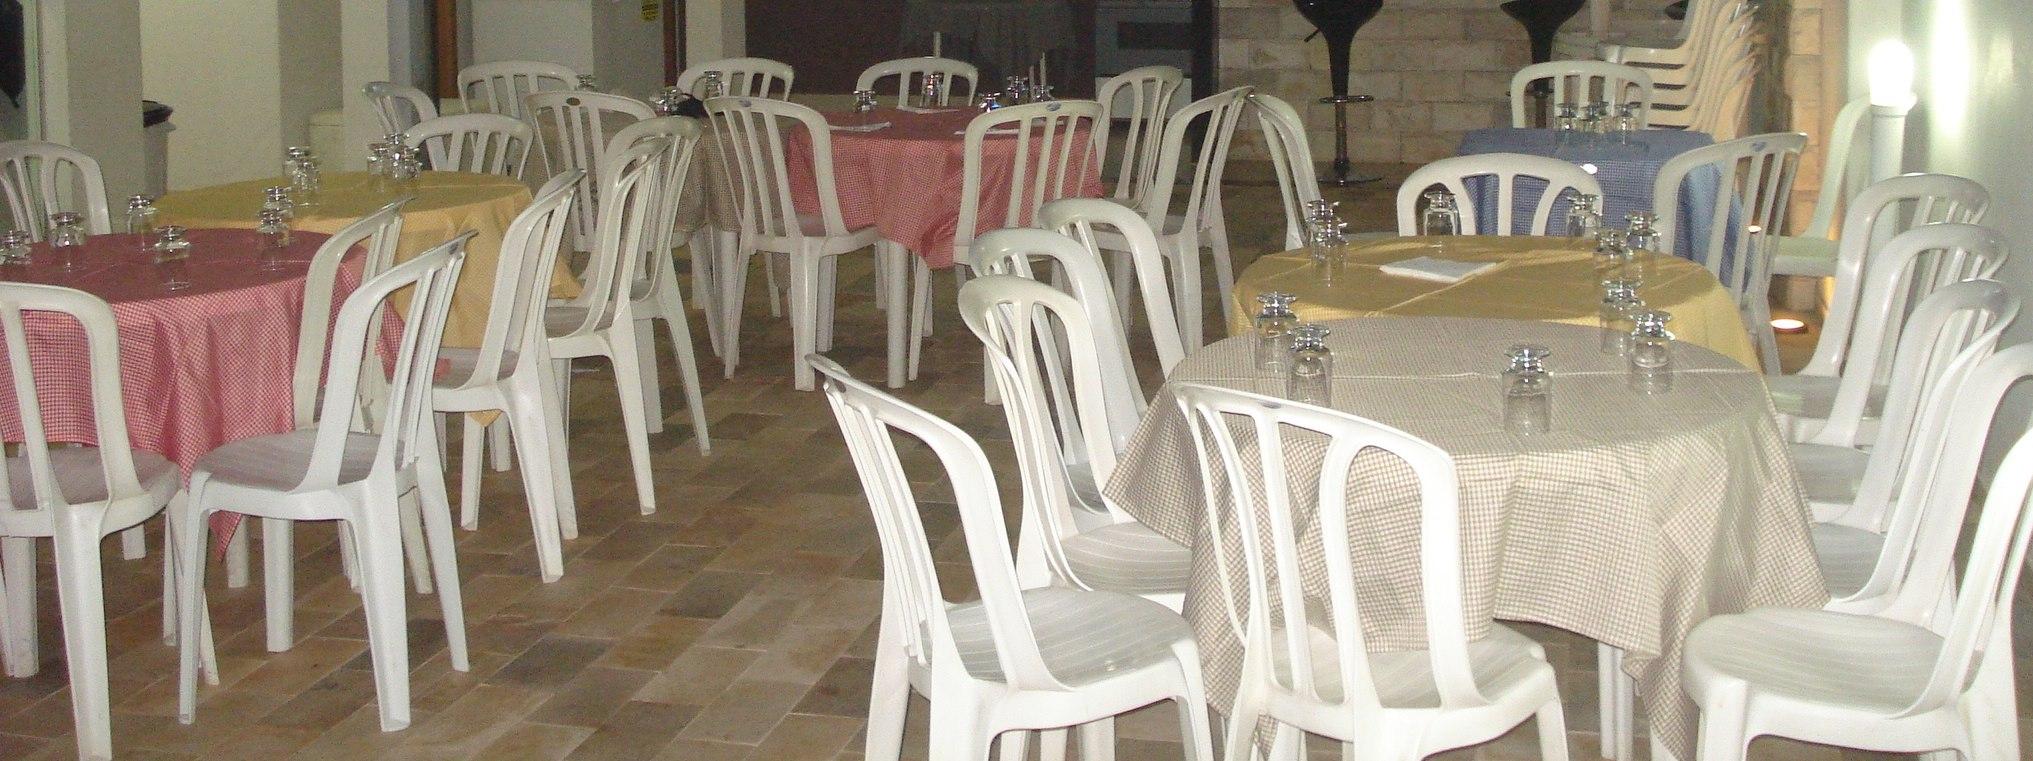 Foto-1-mesas-e-cadeiras